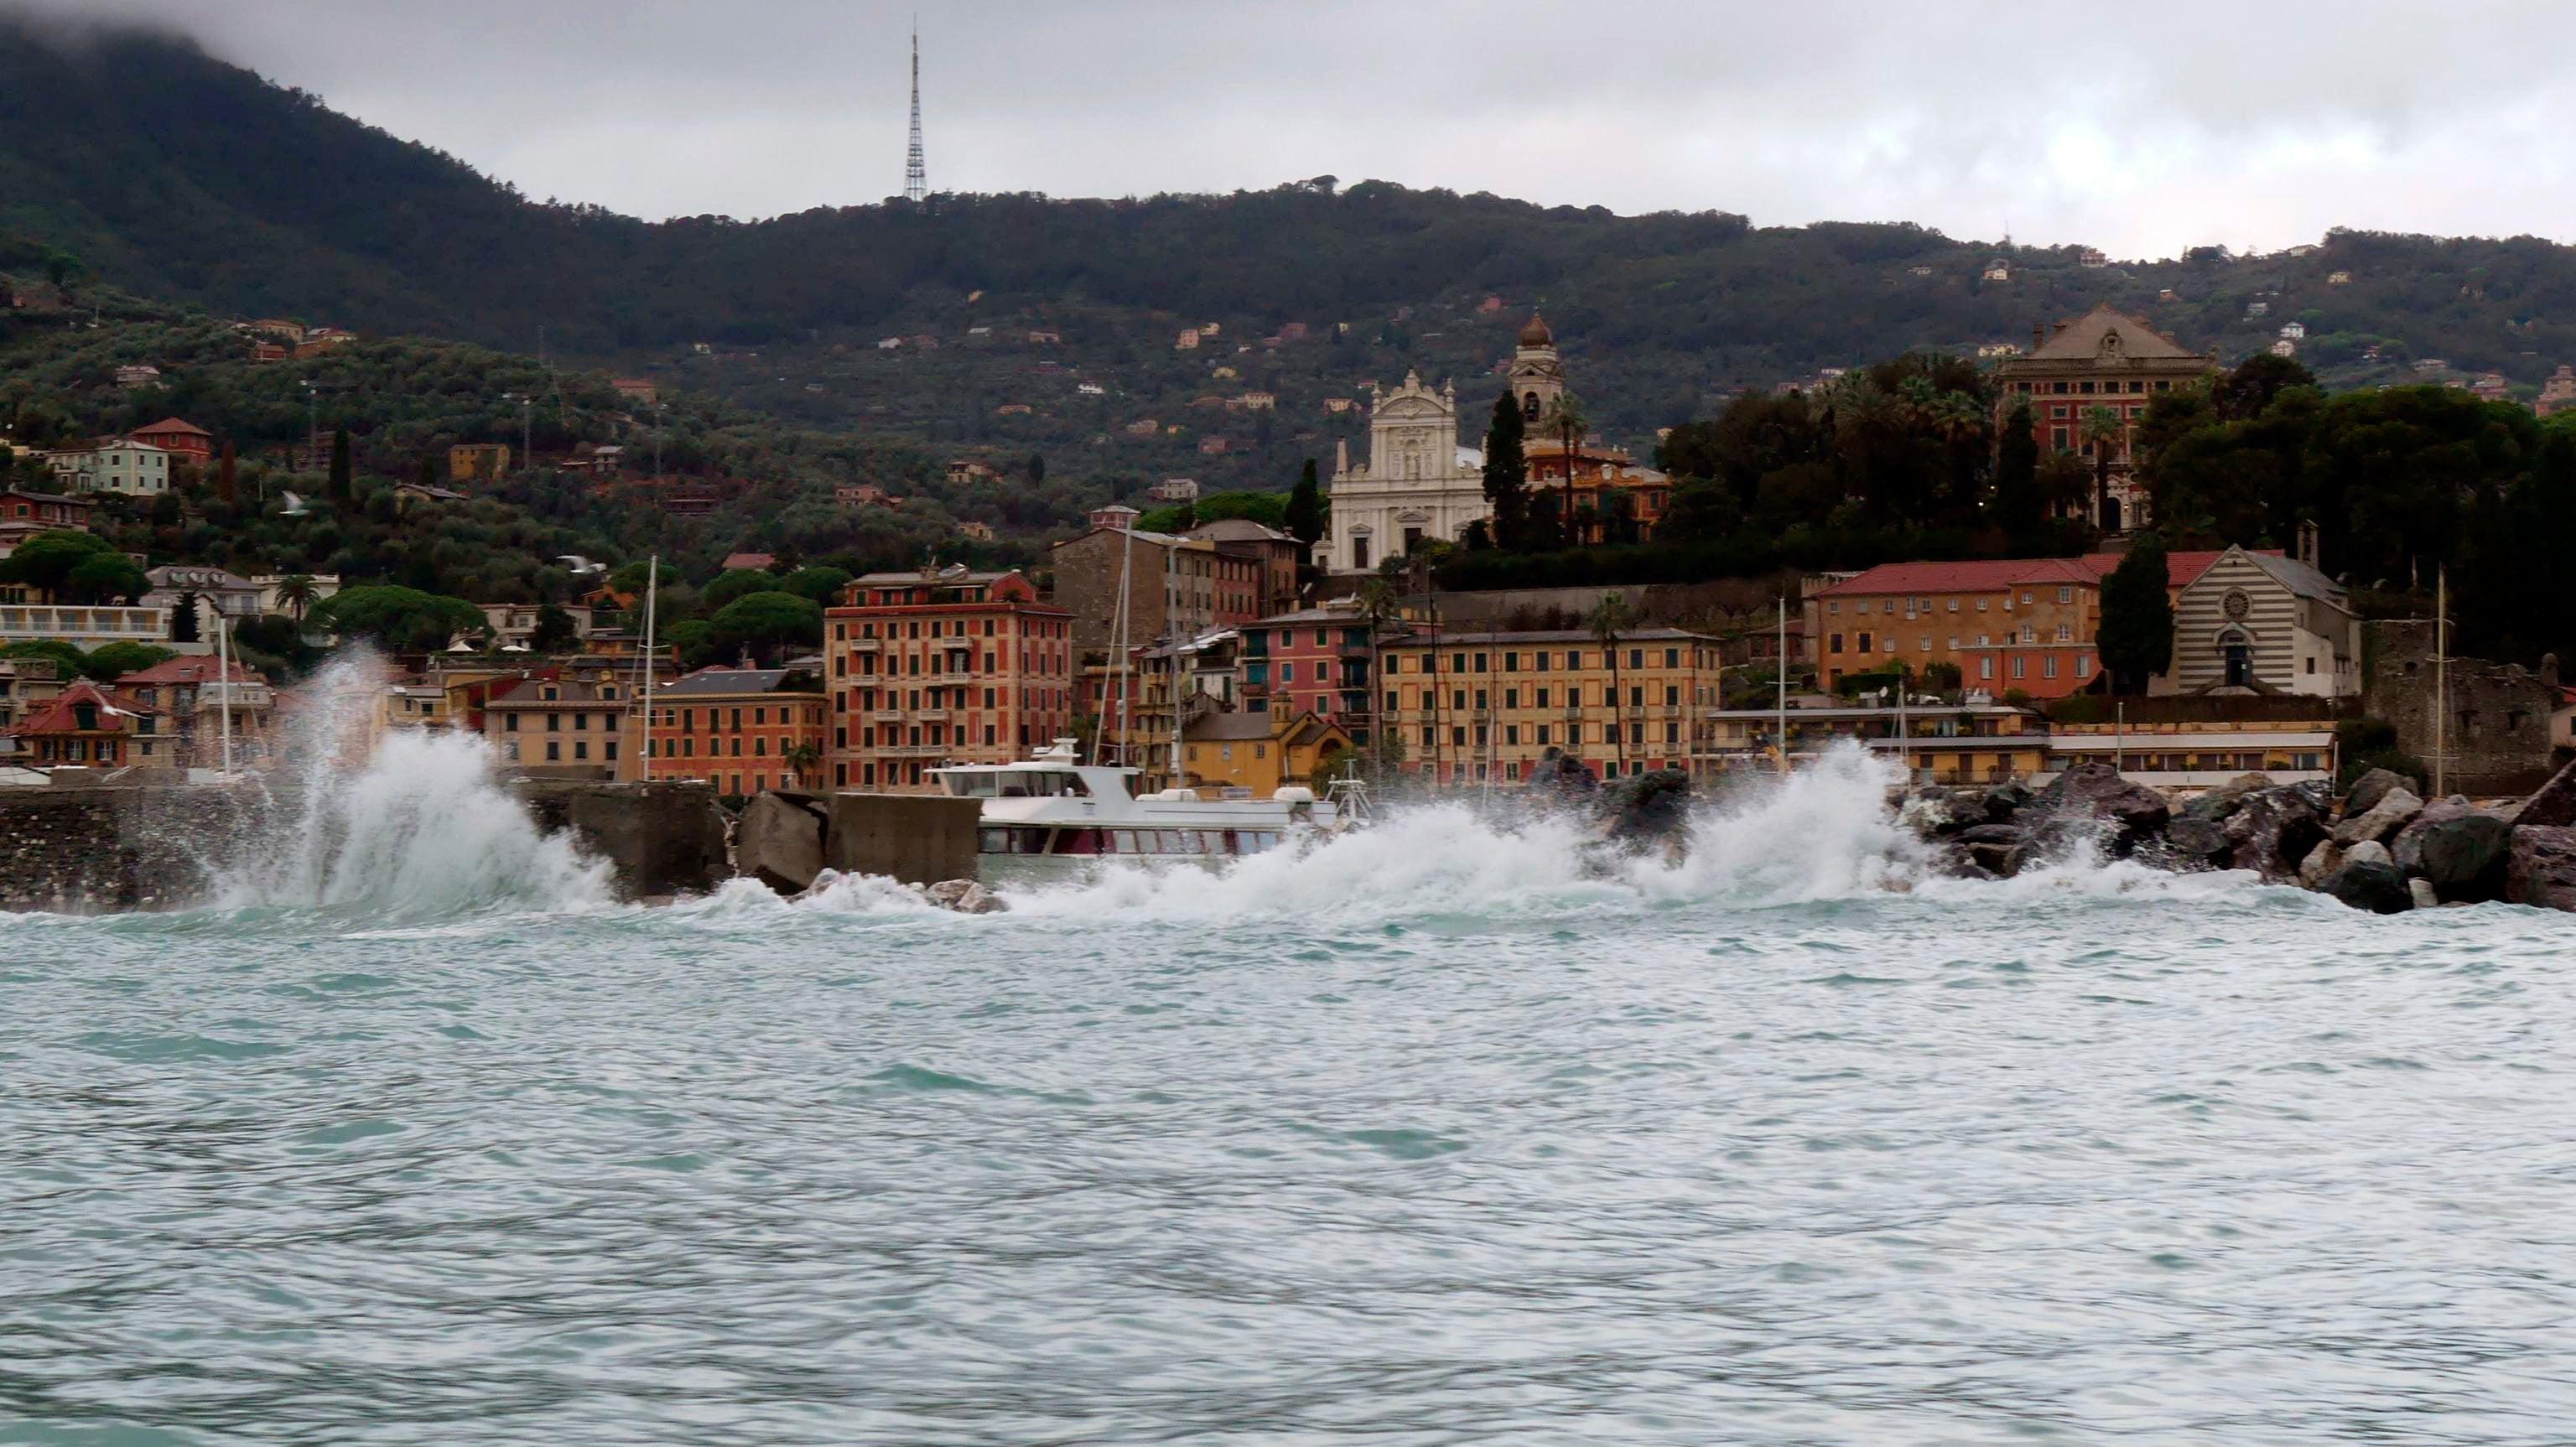 Unwetter in italien heute